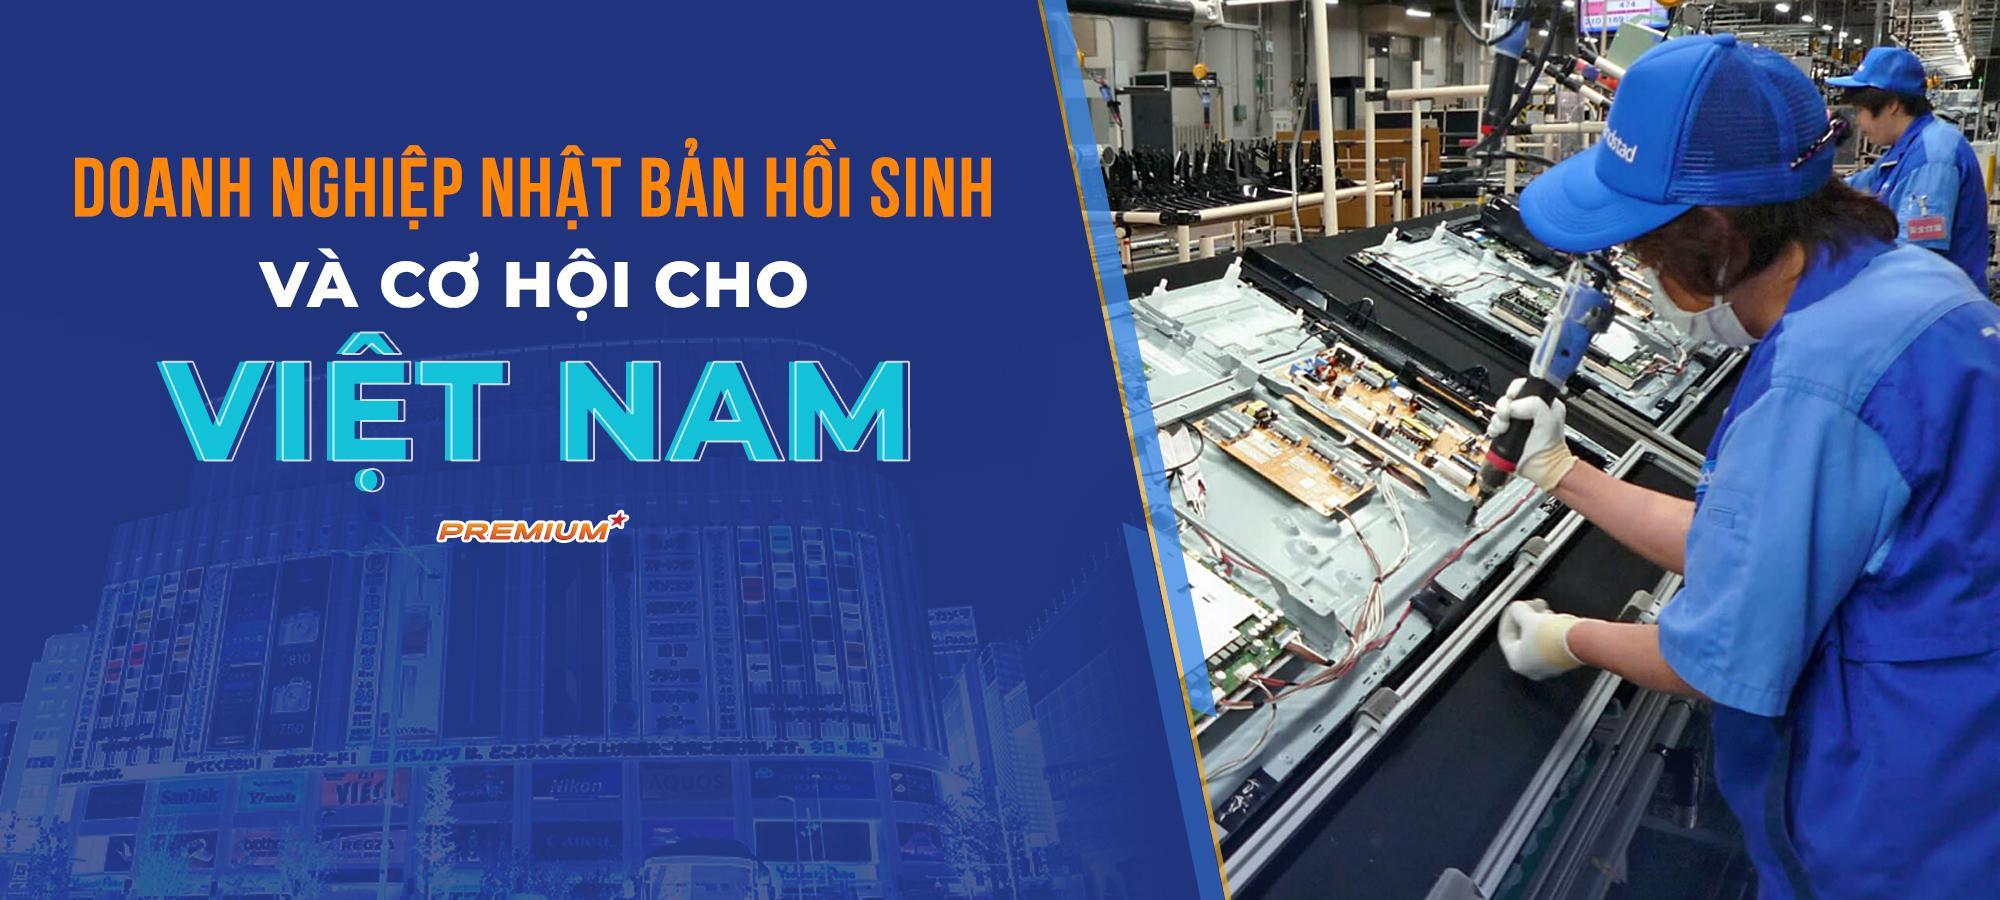 Công nghệ Nhật Bản hồi sinh và cơ hội cho Việt Nam